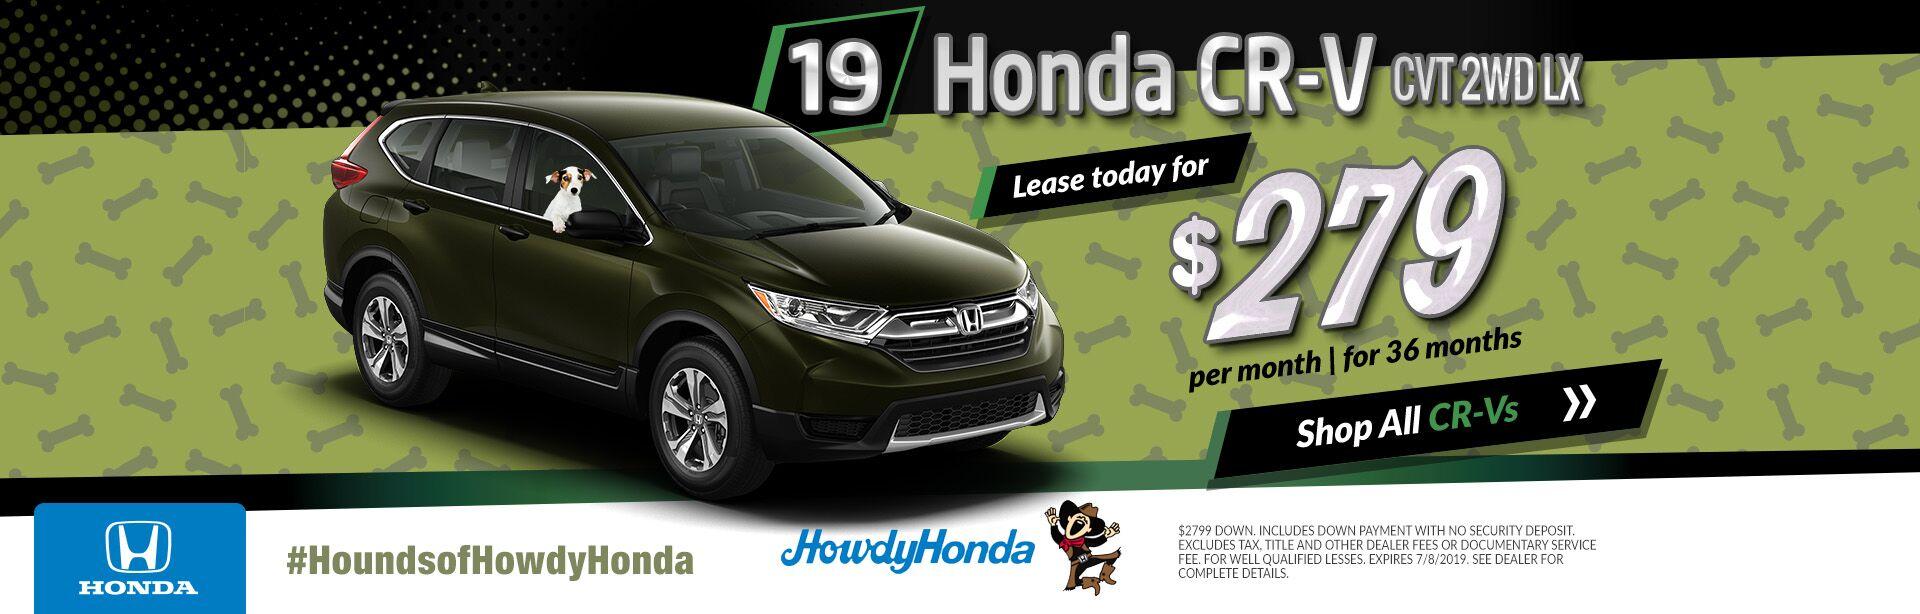 Owners Honda Com >> Honda Dealership Austin Tx Used Cars Howdy Honda